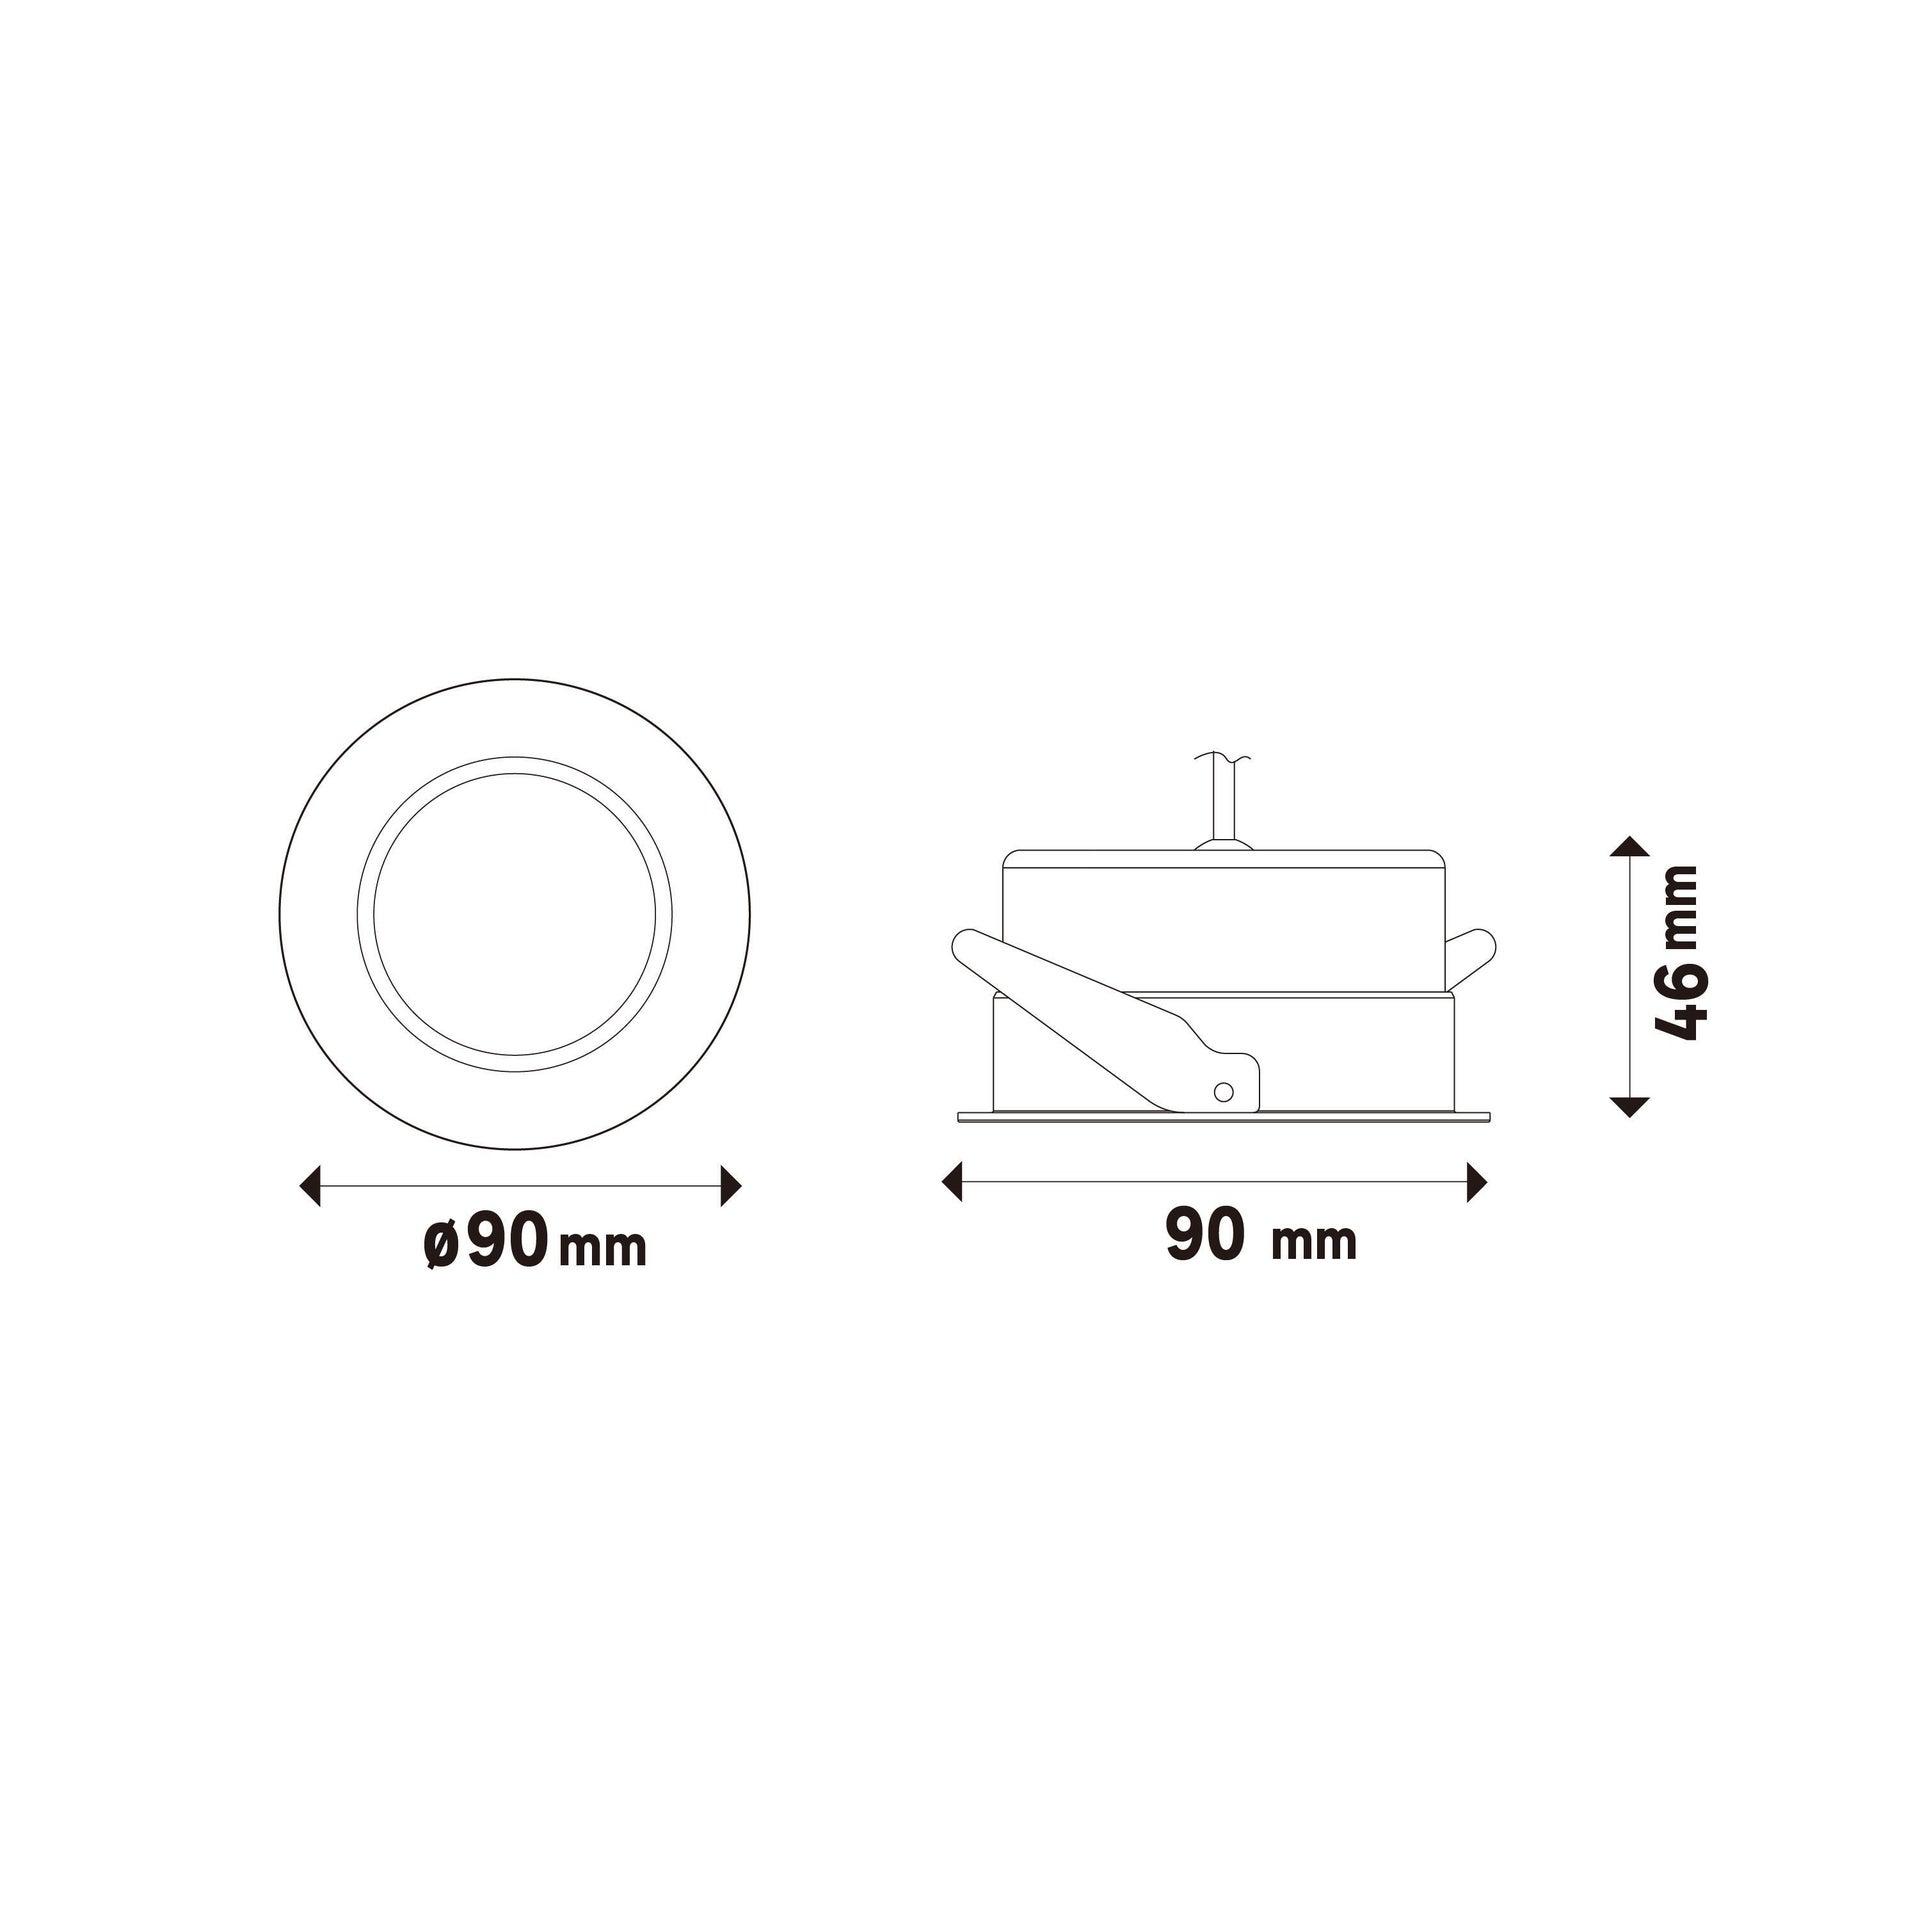 Faretto orientabile da incasso tondo Ori Lindi bianco, diam. 9 cm LED integrato 6.3W 550LM IP65 INSPIRE - 9